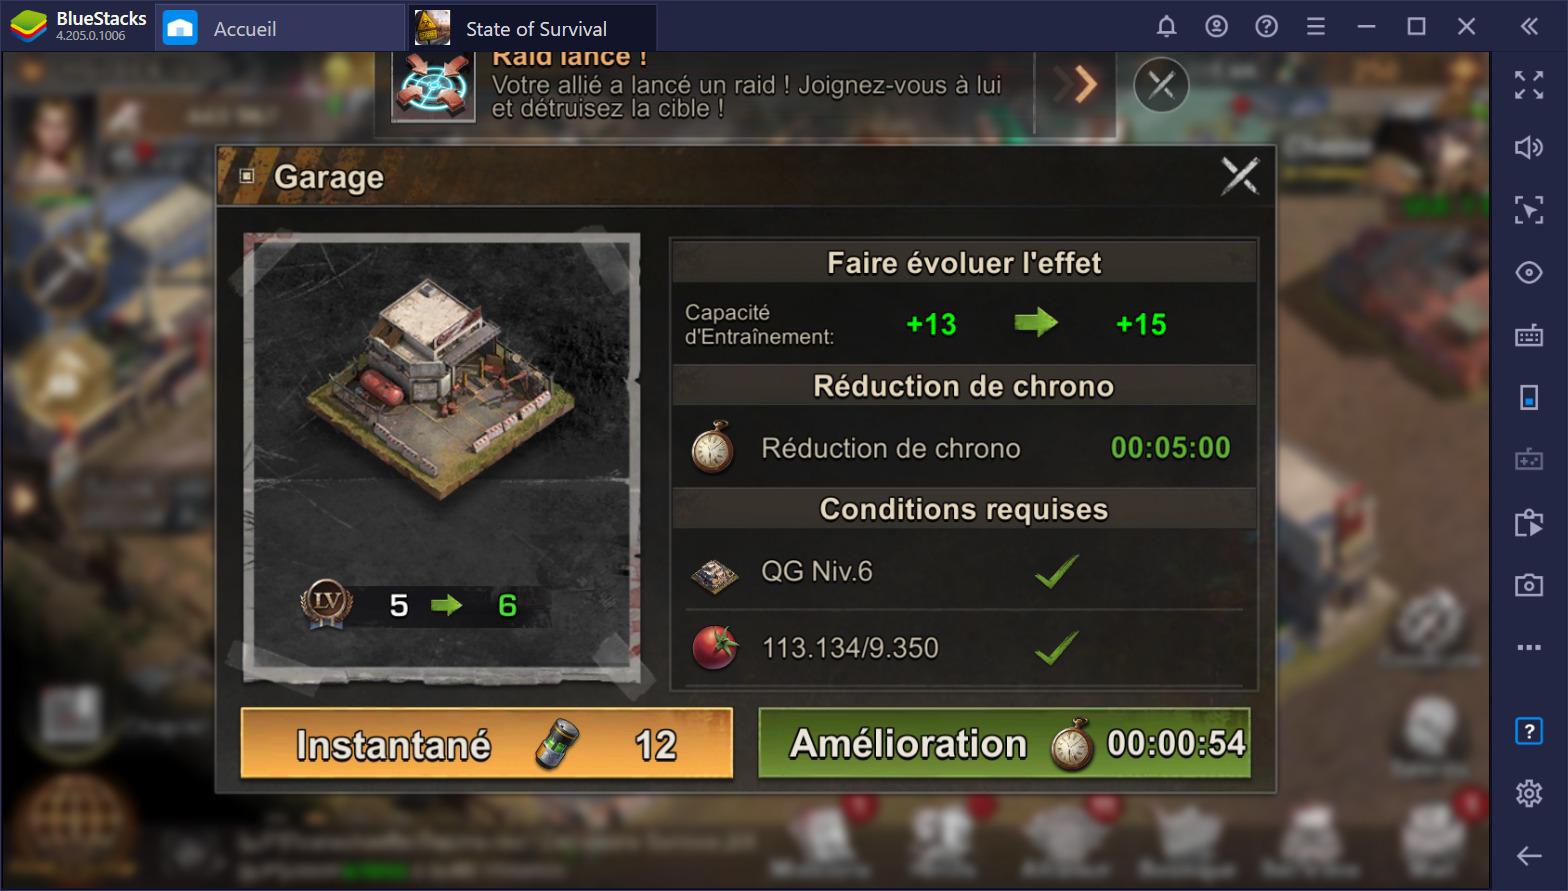 State of Survival sur PC : construire une garnison pour survivre aux zombies de l'apocalypse